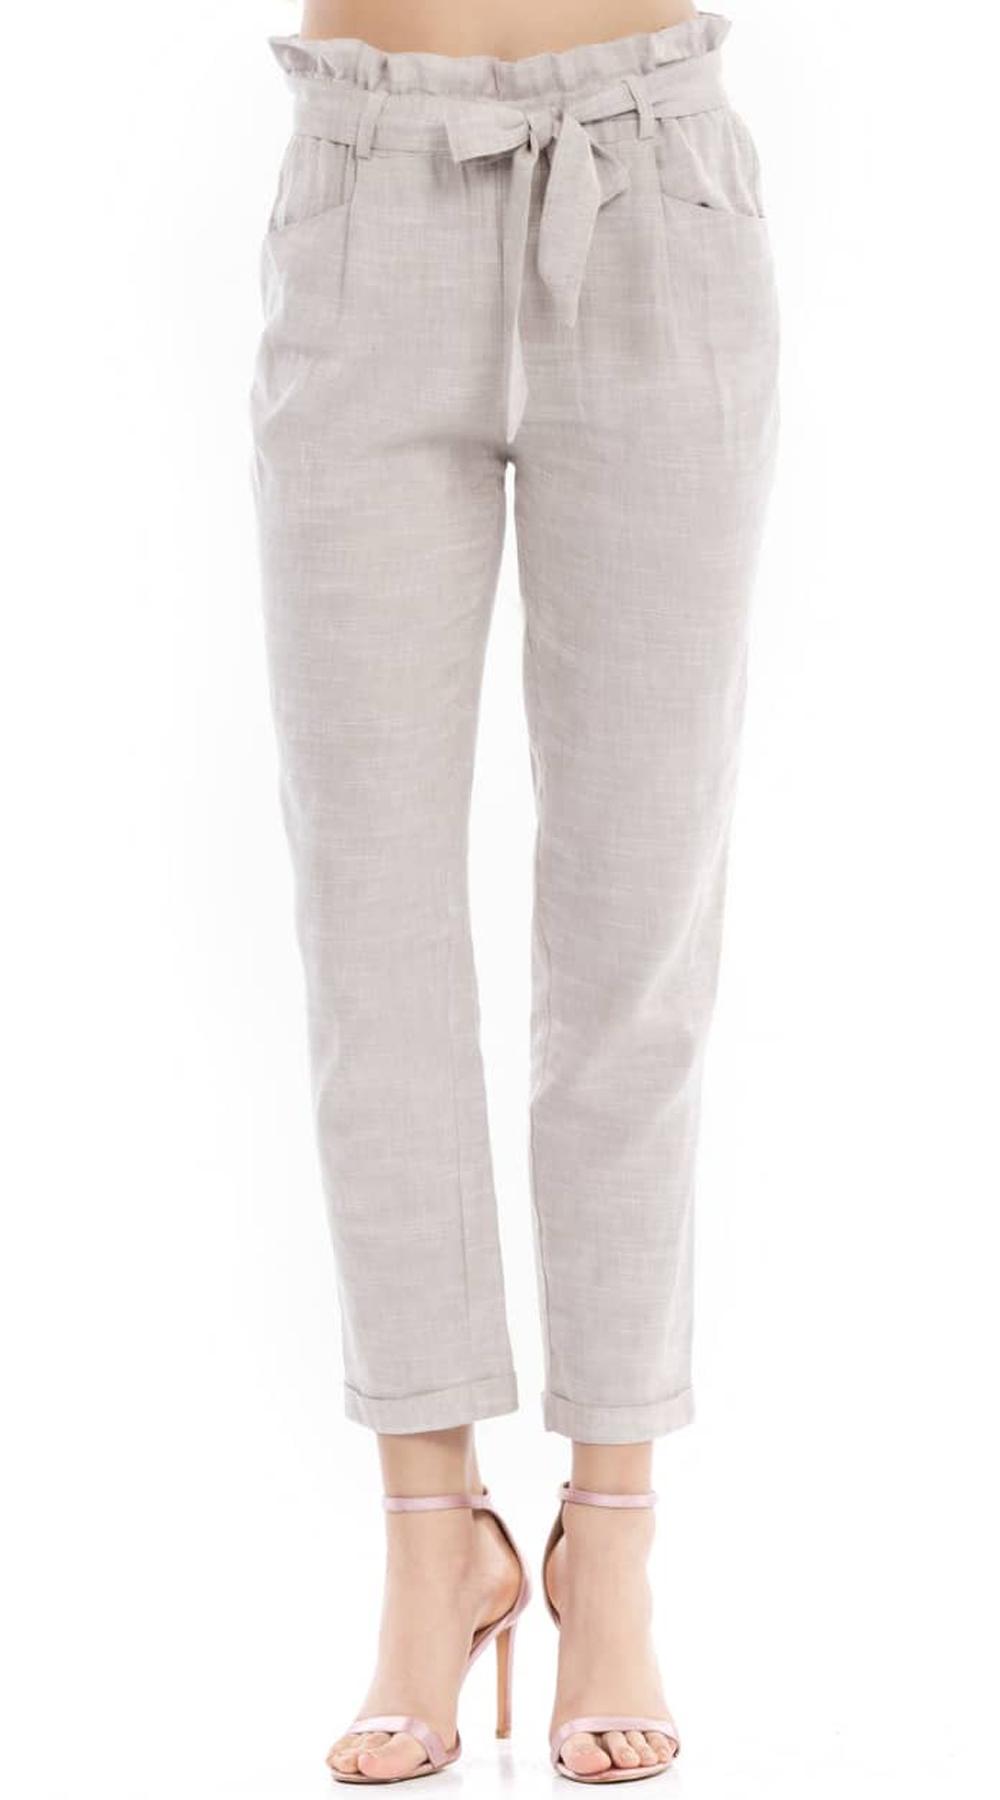 Λινό παντελόνι cigarette με ζώνη Online - ONLINE - S18ON-35536 top trends office look